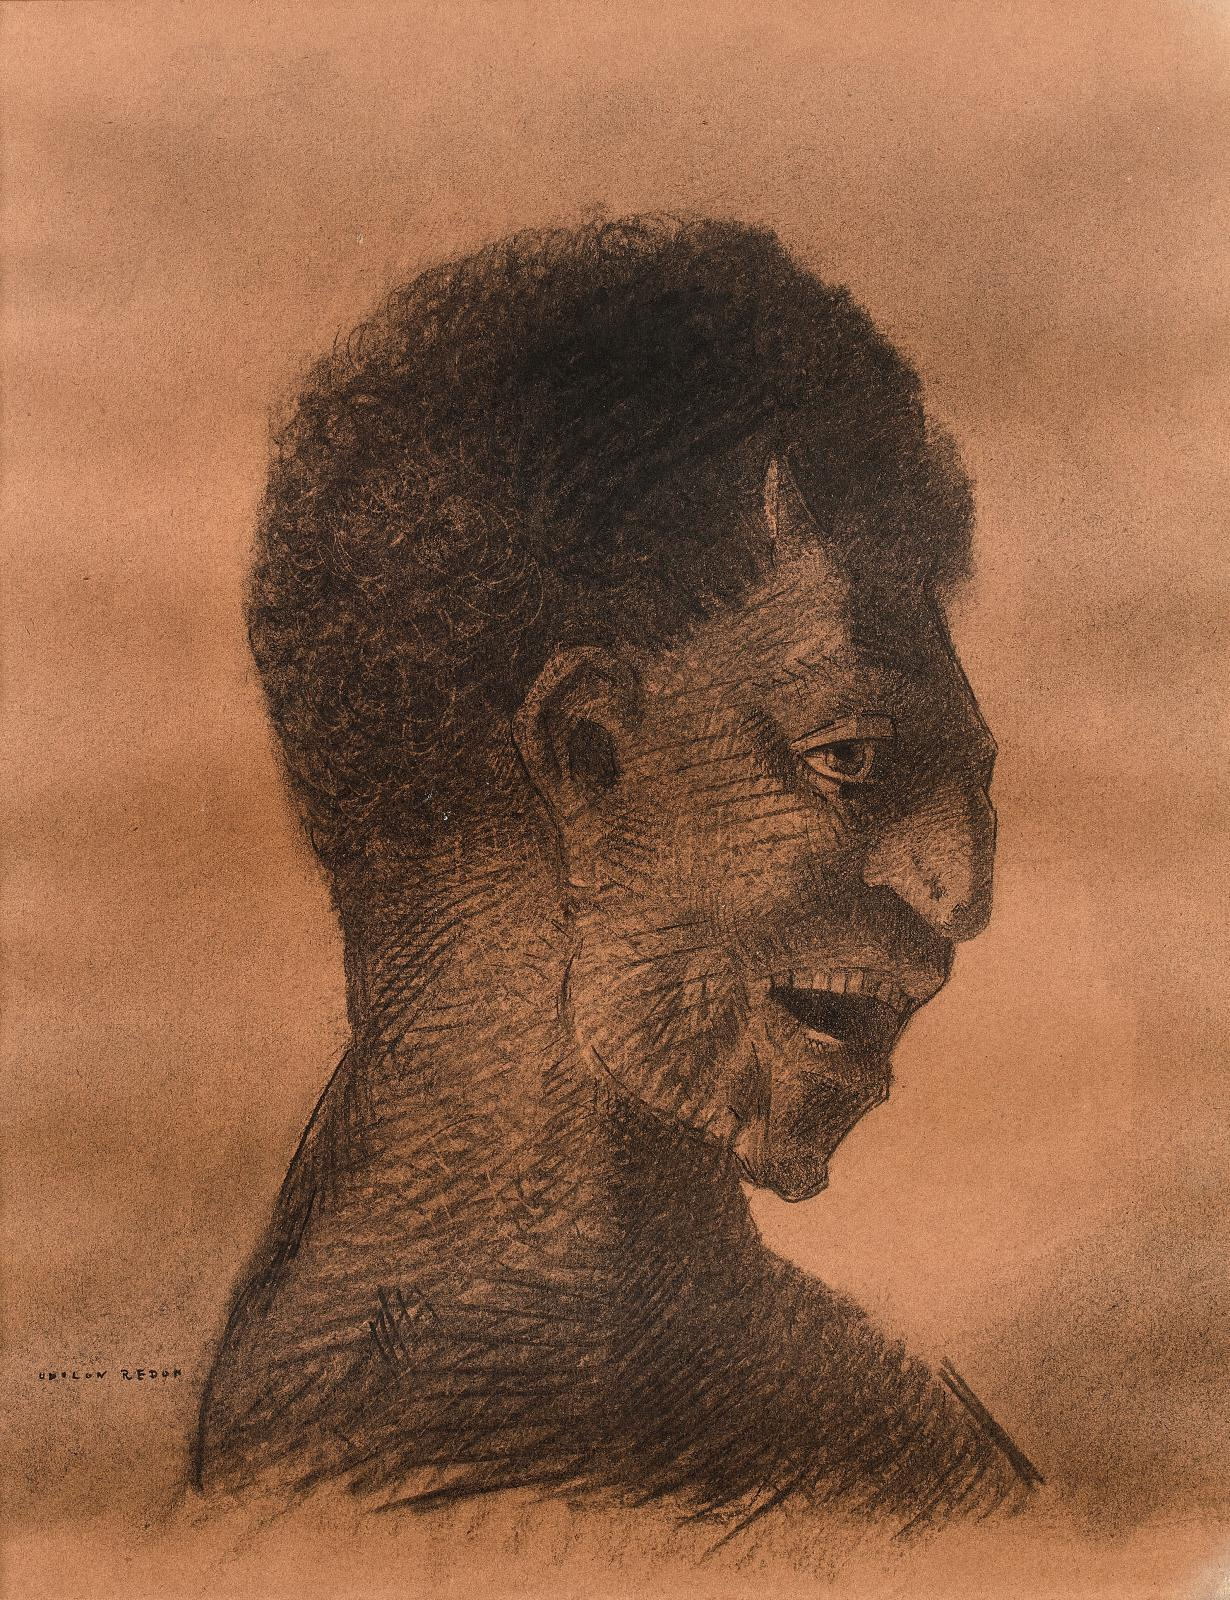 Odilon Redon, Le Satyre au cynique sourire, dessin au fusain et à l'estompe, 35x27cm. Estimation: 30000/50000€